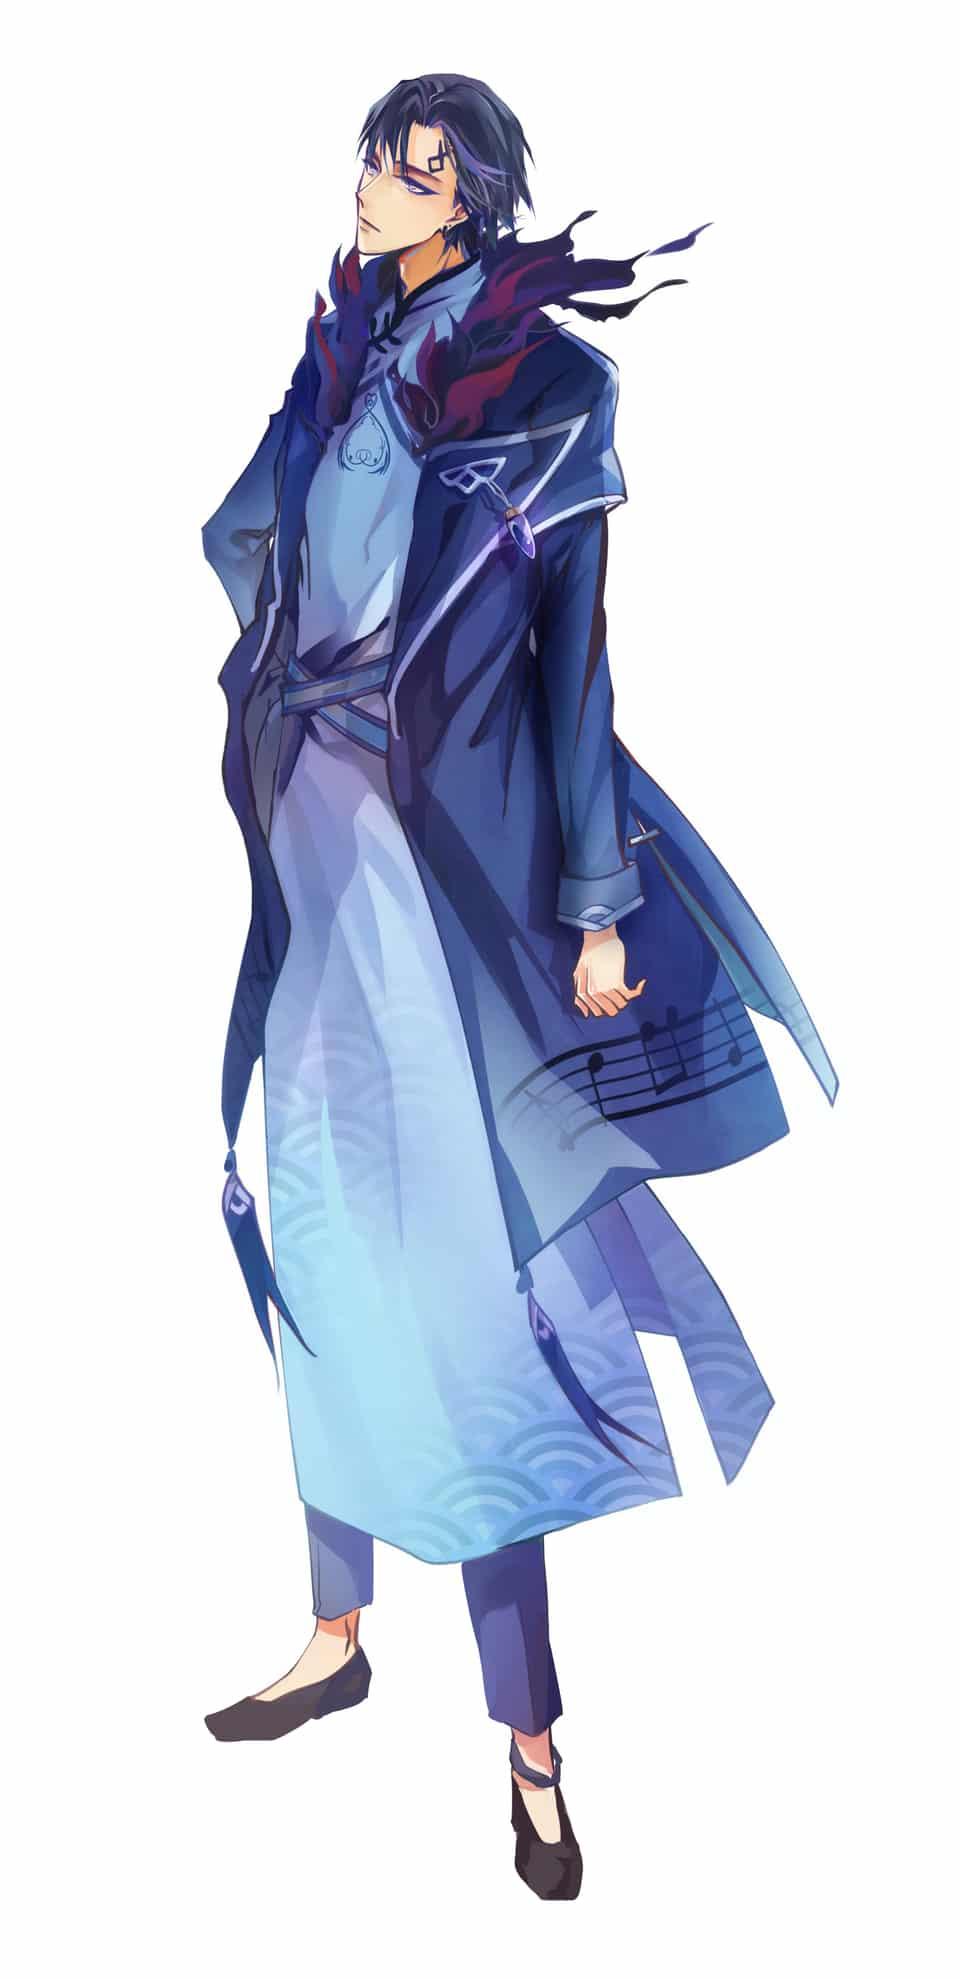 異世界の悪党 Illust of 小杜 MyIdealHusbando MyIdealWaifu_MyIdealHusbandoContest handsome